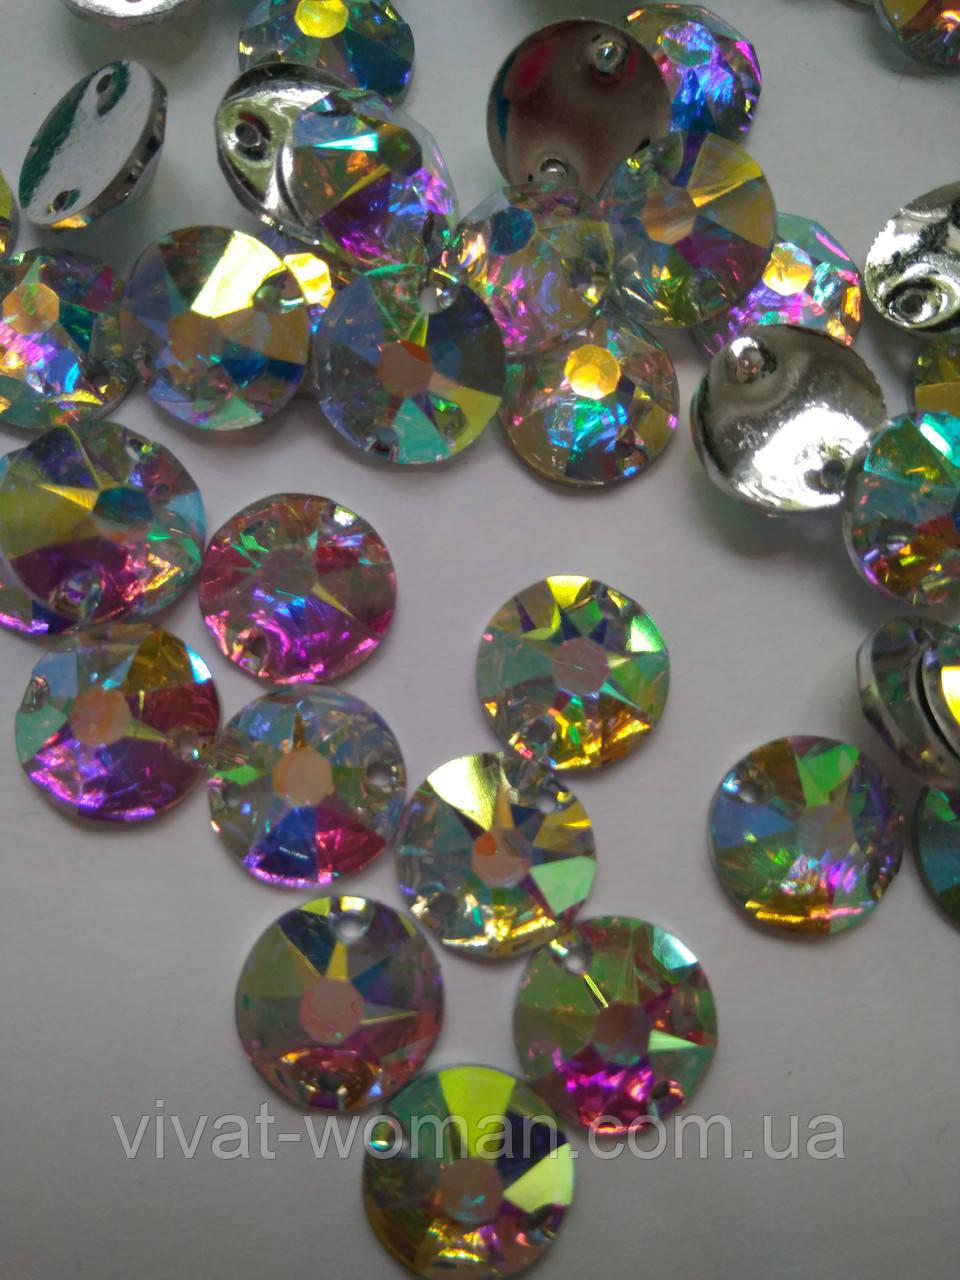 Стрази пришивні Ріволі 16 граней, 10 мм Crystal AB, смола (синтетичне скло)